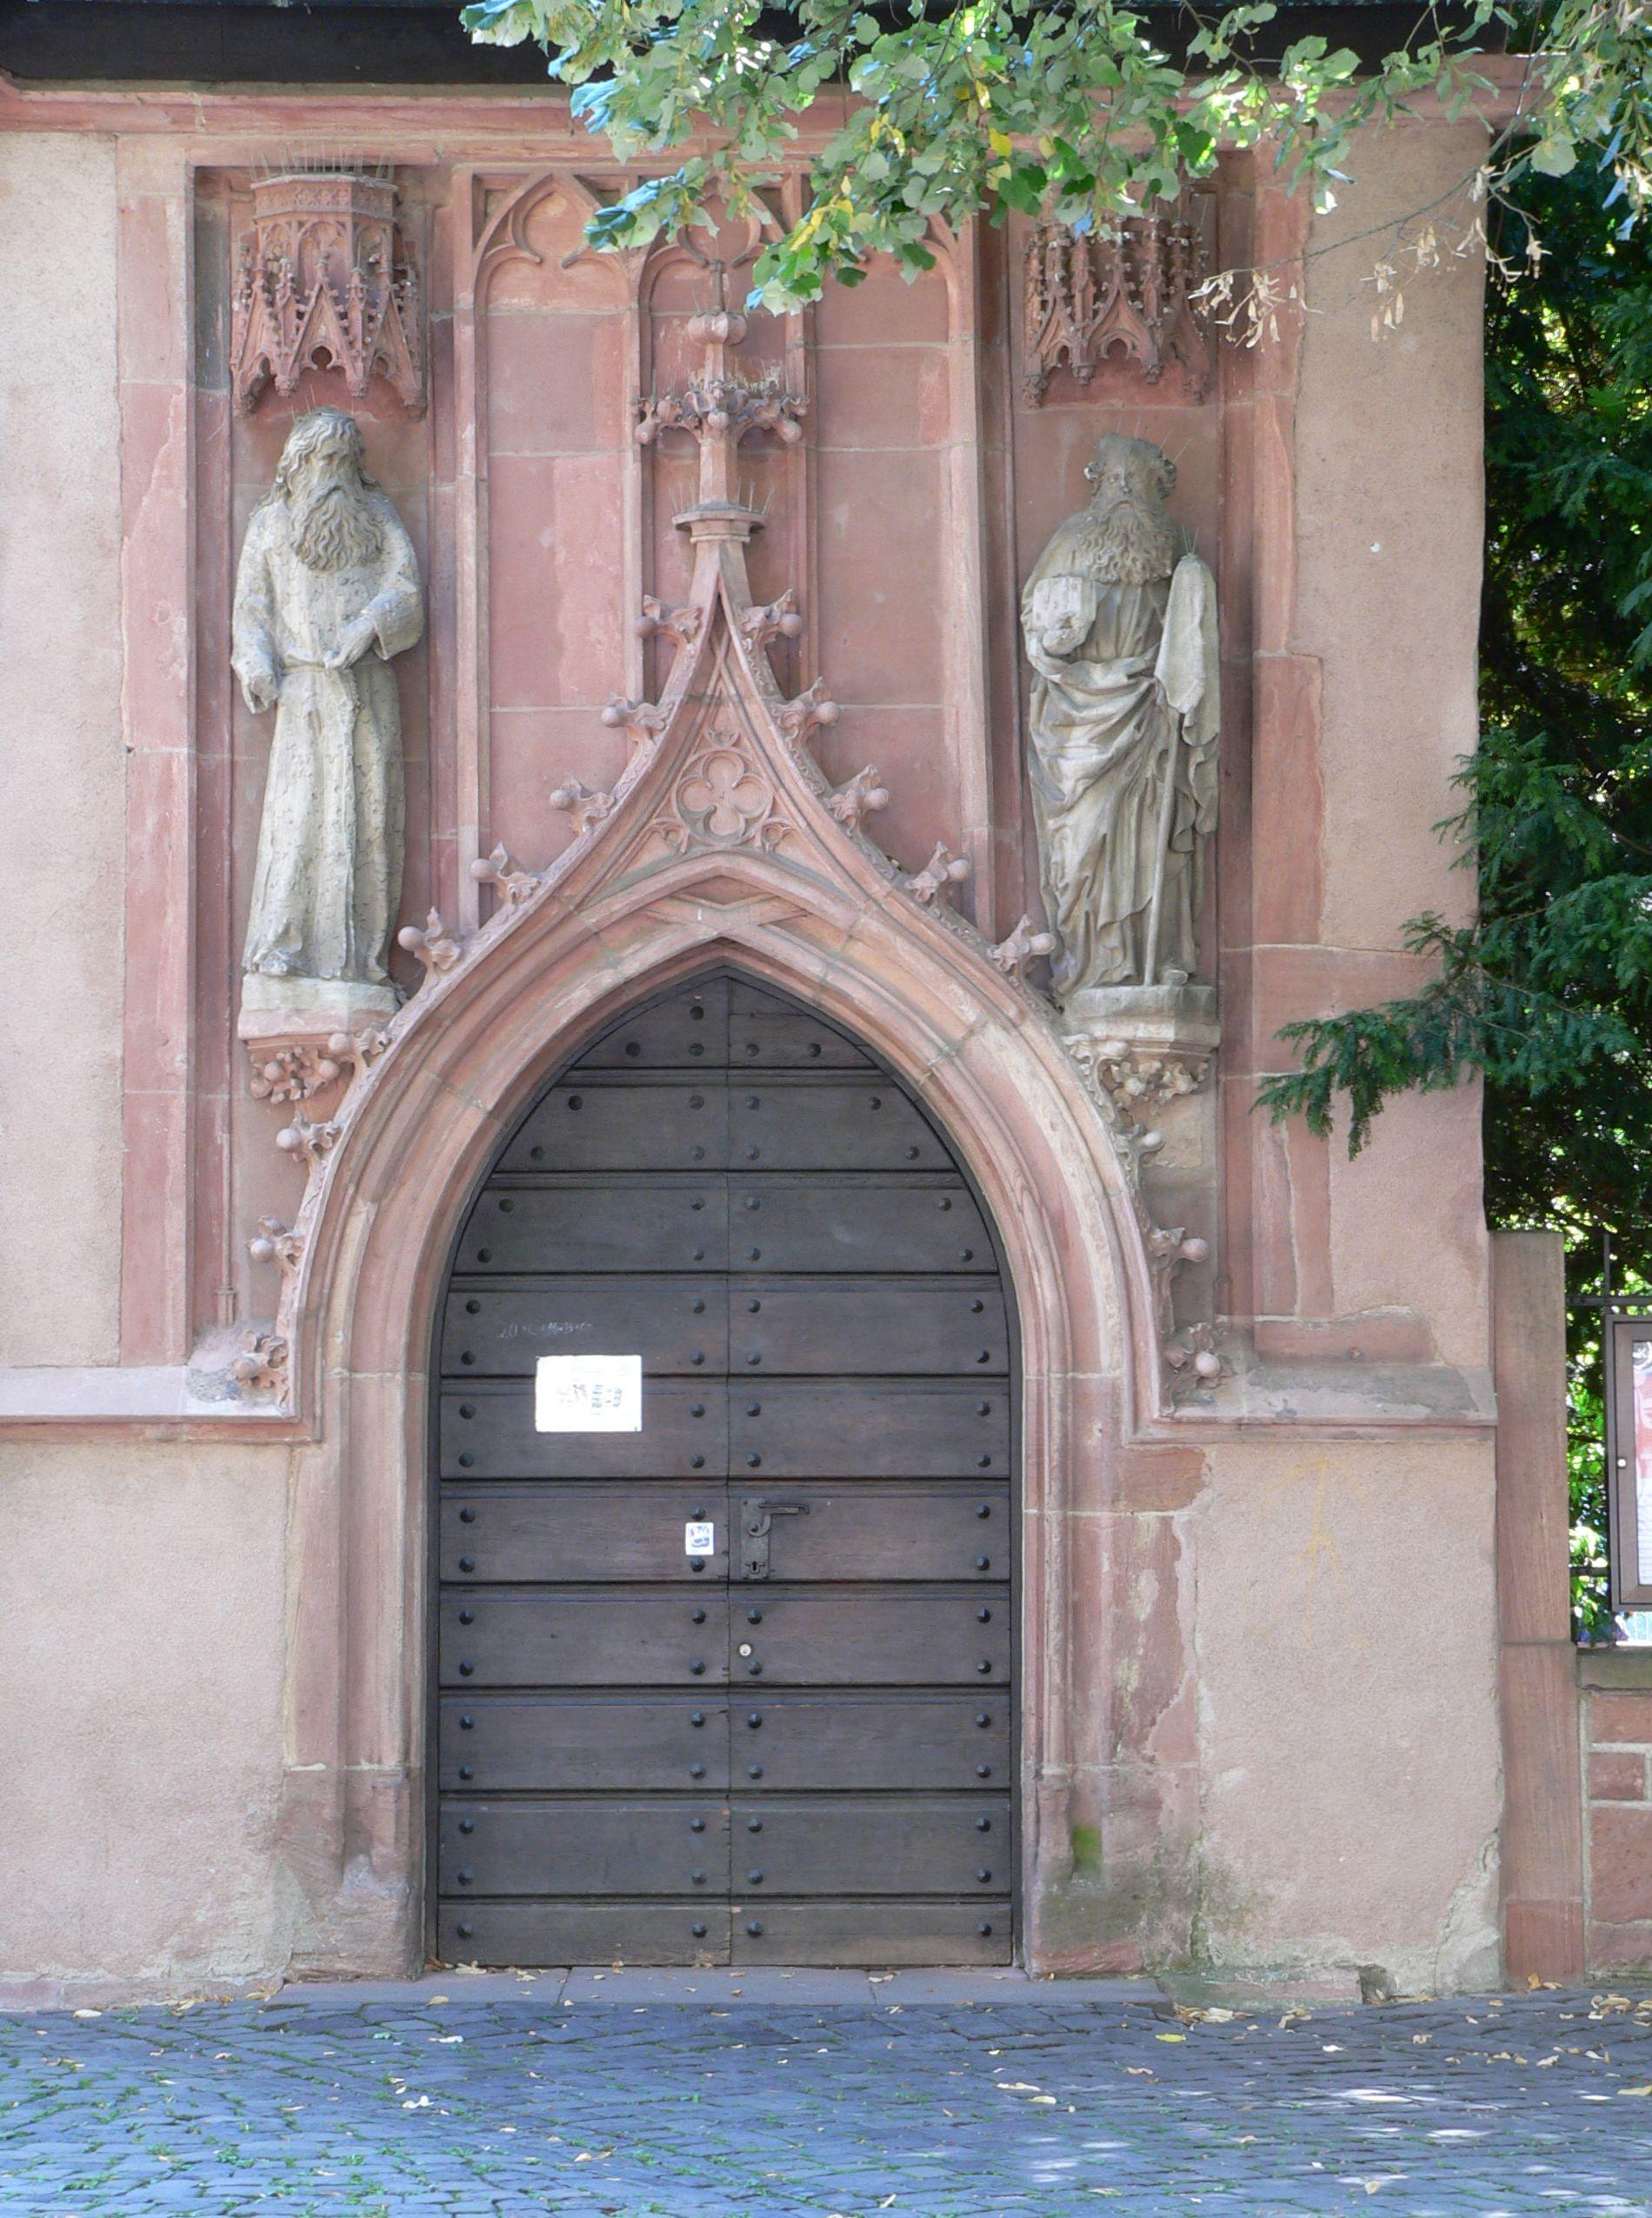 Cеверный портал церкви священномученика Иустина со святыми Павлом Фивейским и Антонием Великим